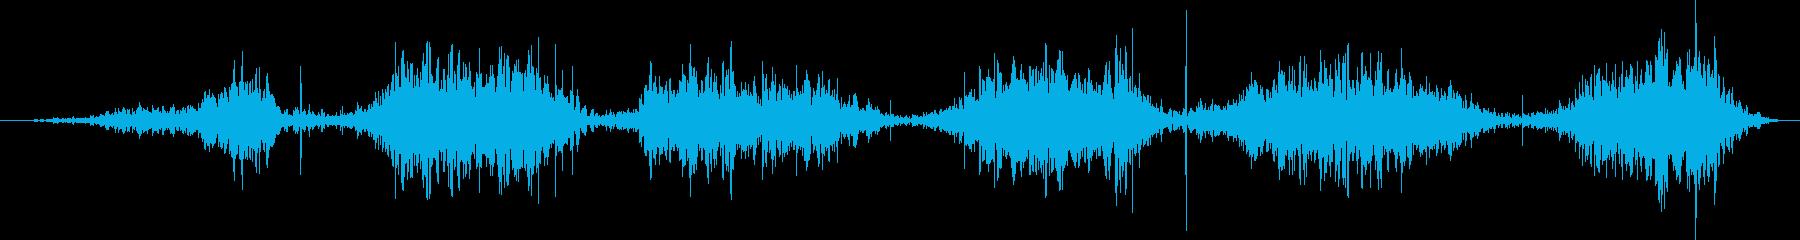 ショートグラウンドシフト、ダート、...の再生済みの波形